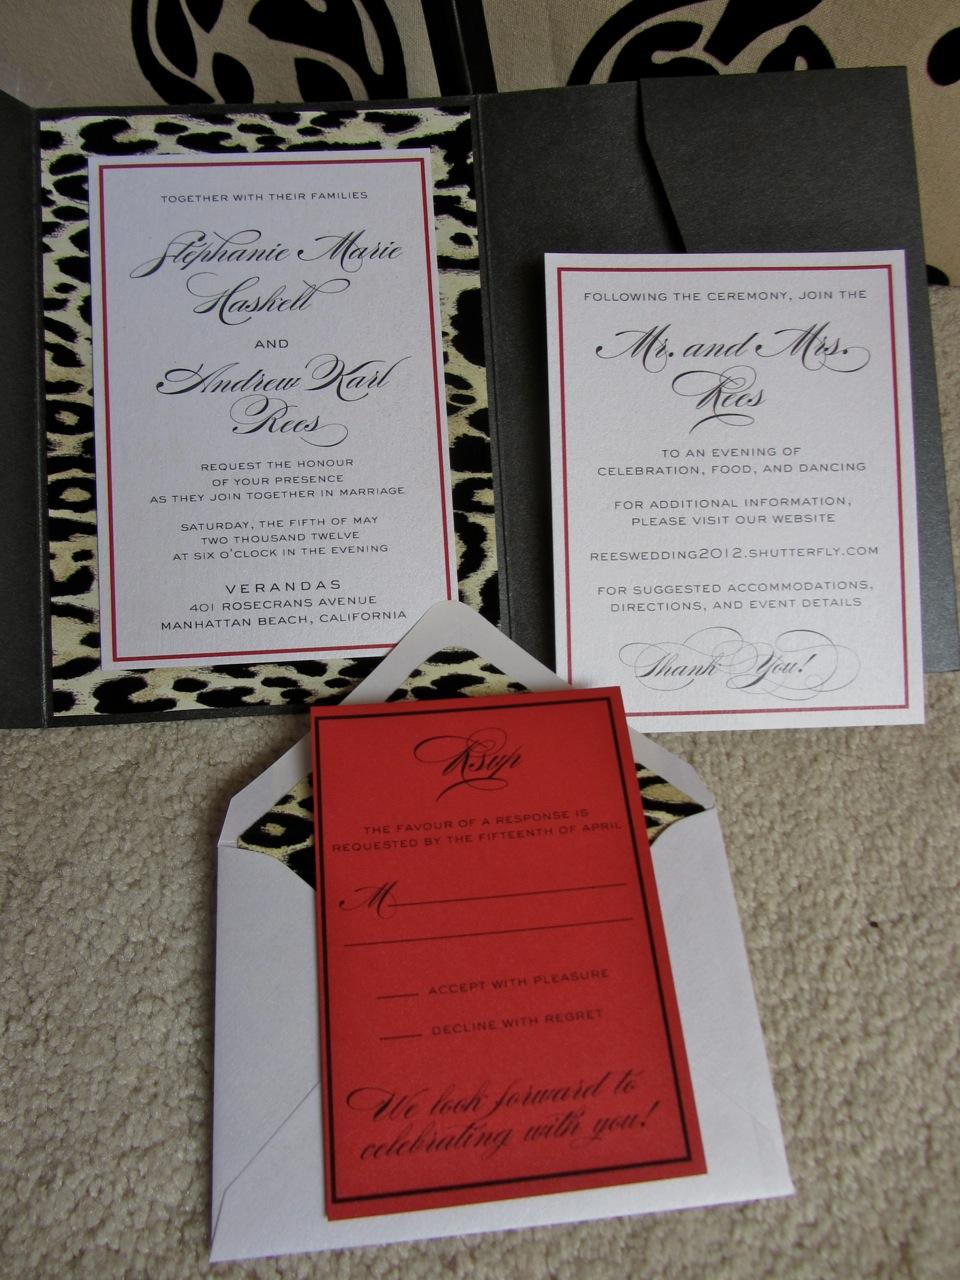 2 Hearts B 1 Designs: September 2012